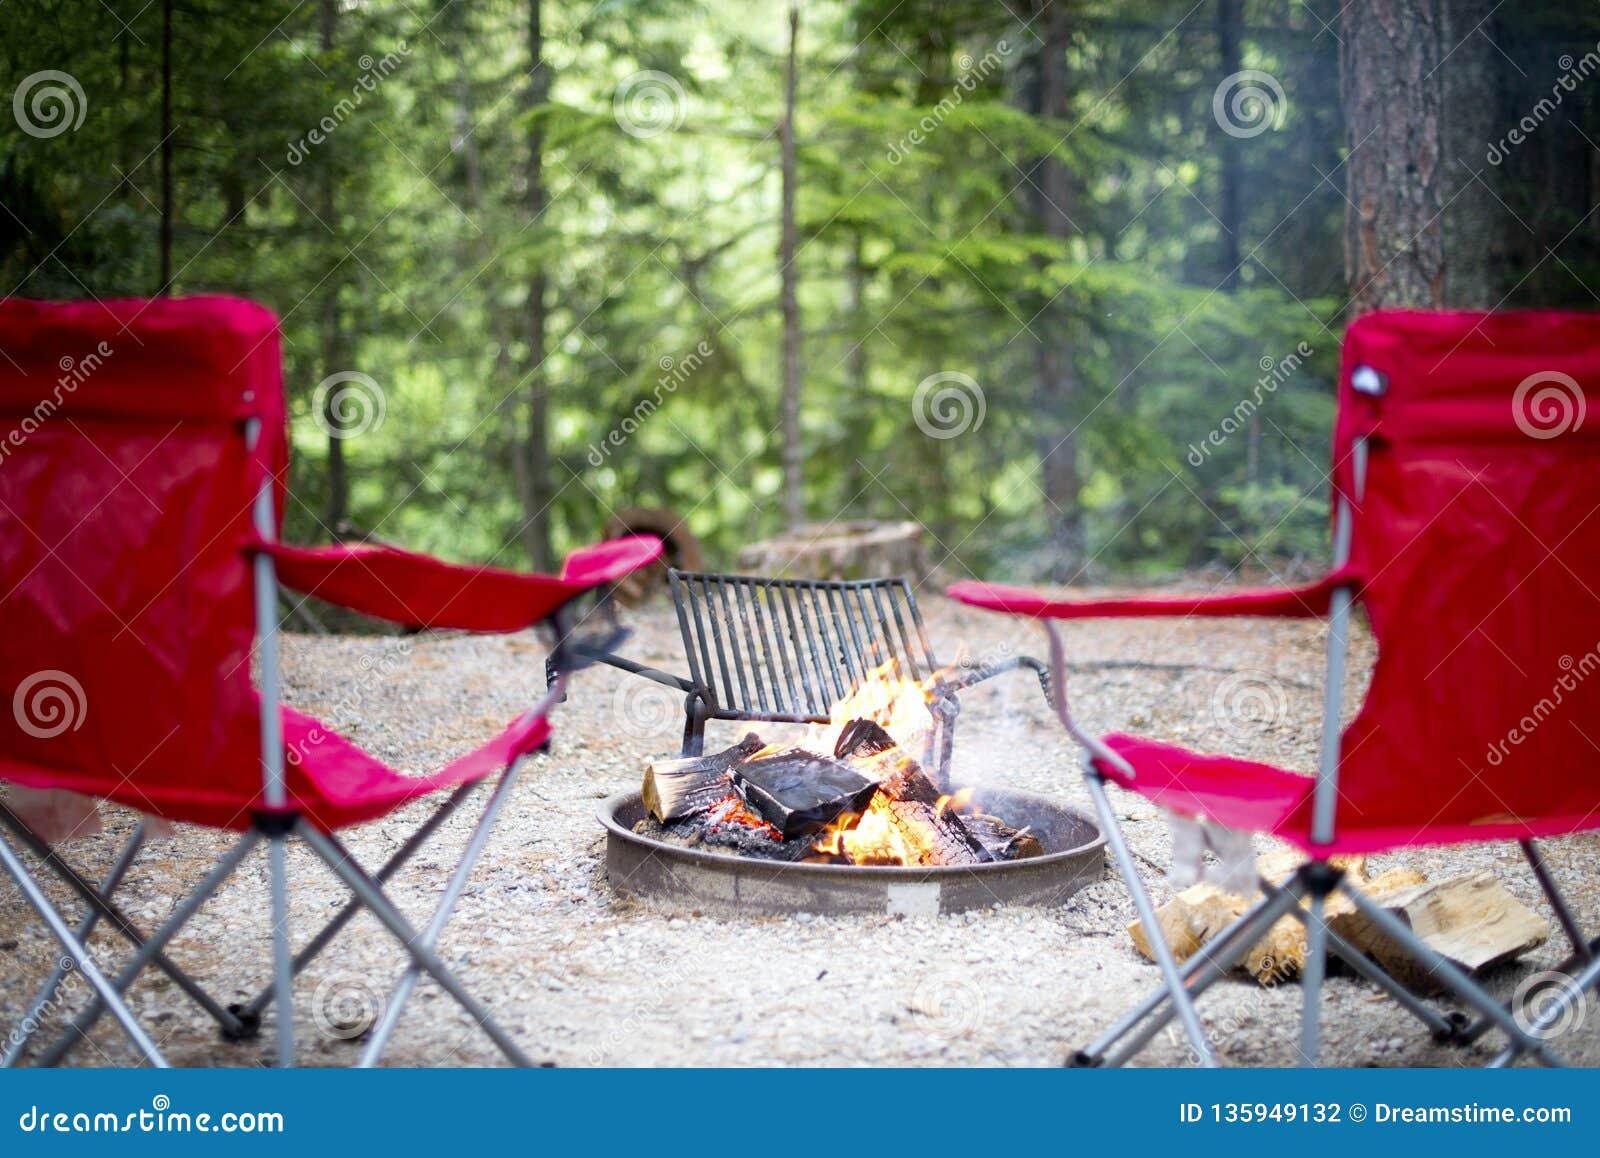 Chaises autour du feu de camp